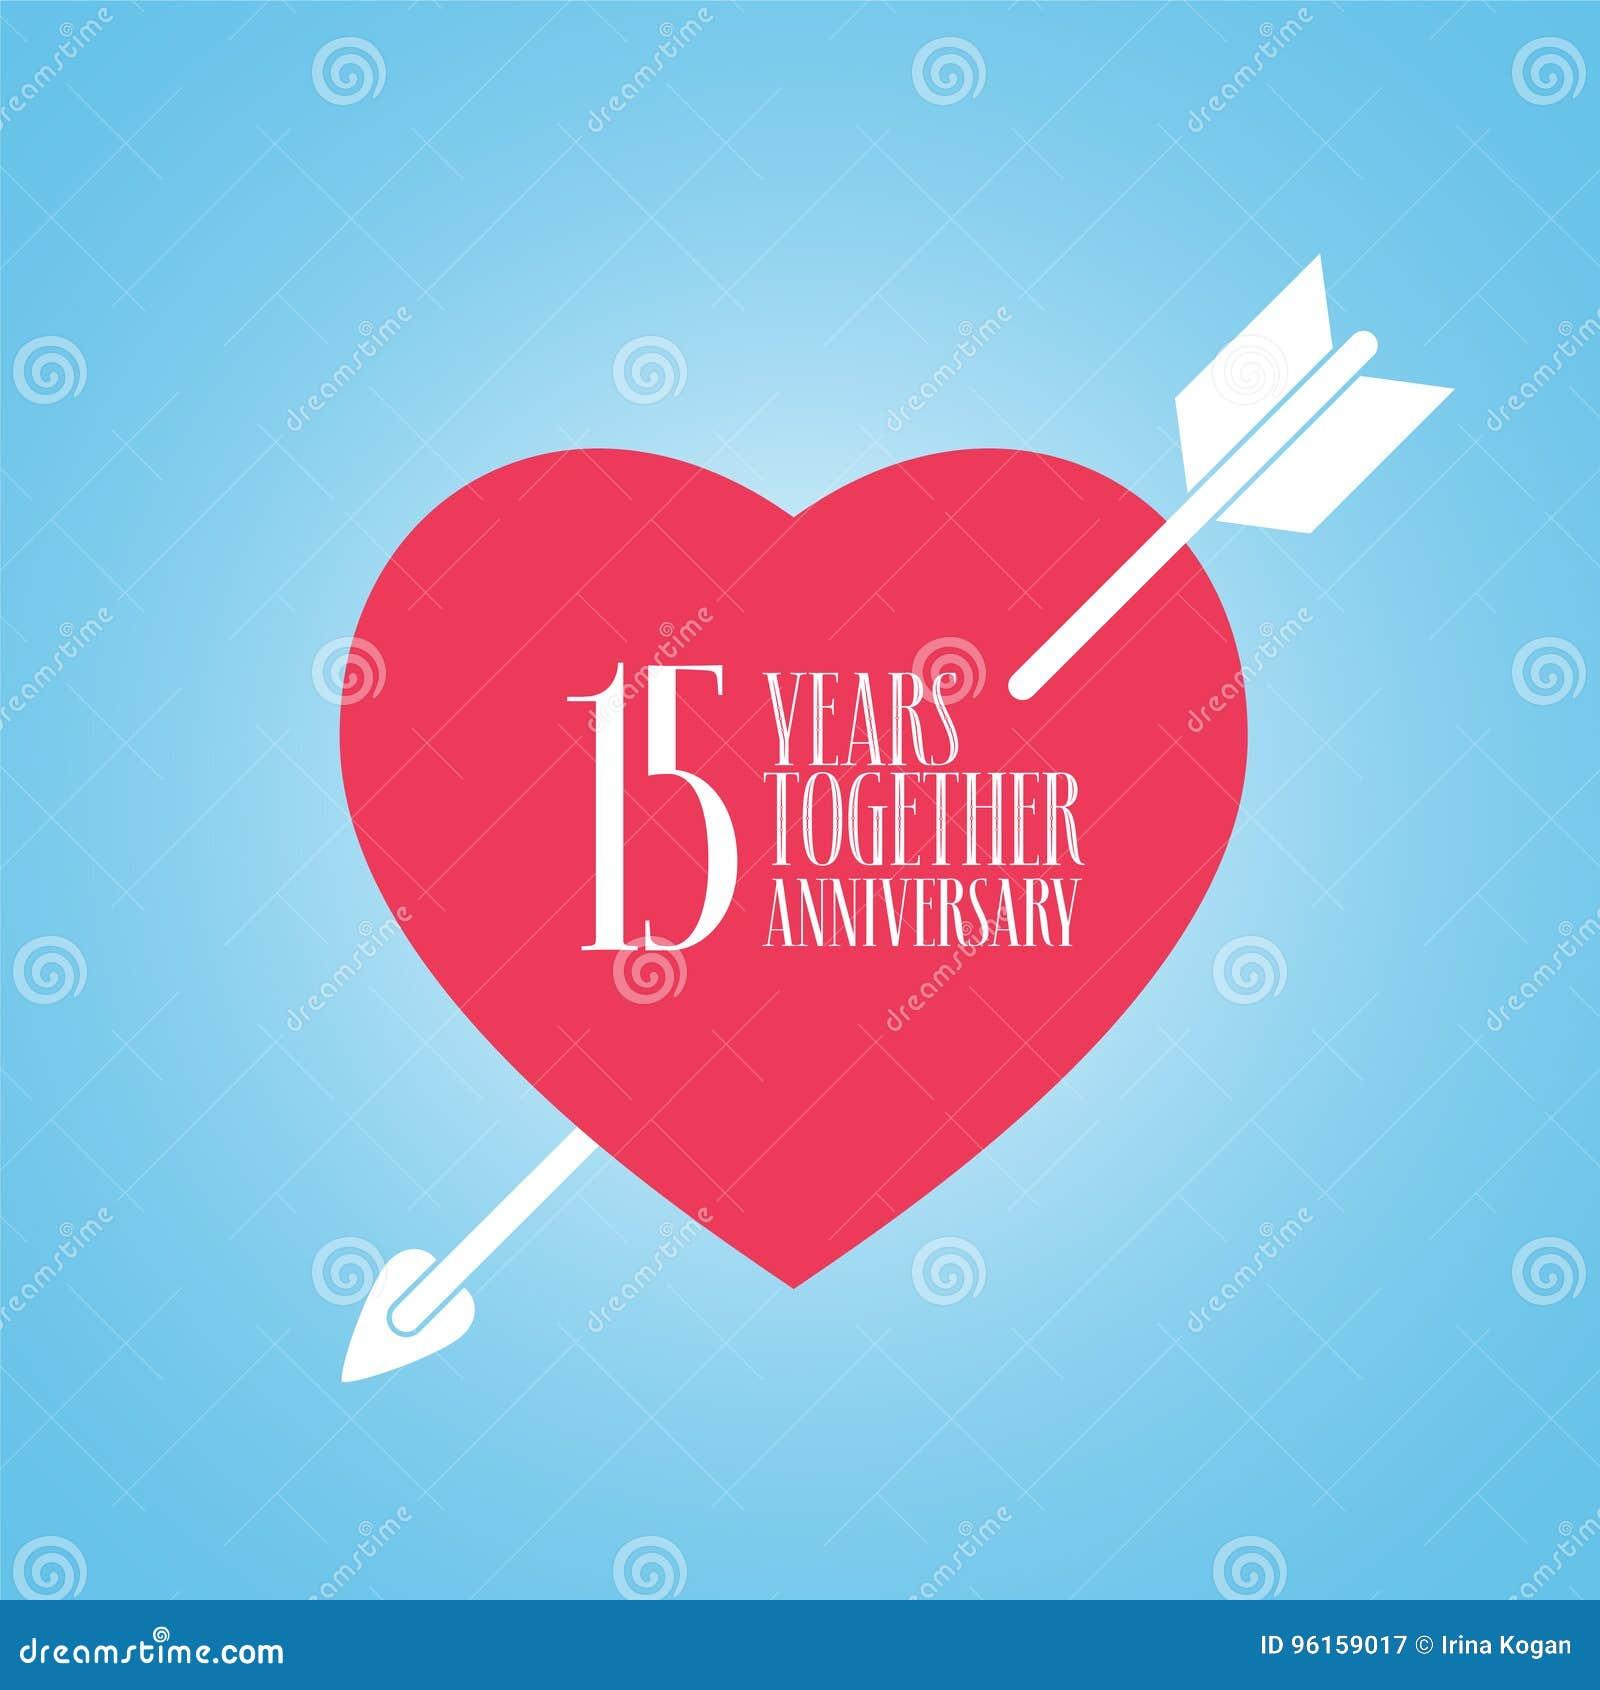 Anniversario 15 Anni Matrimonio.15 Anni Di Anniversario Dell Icona Di Vettore Di Matrimonio O Di